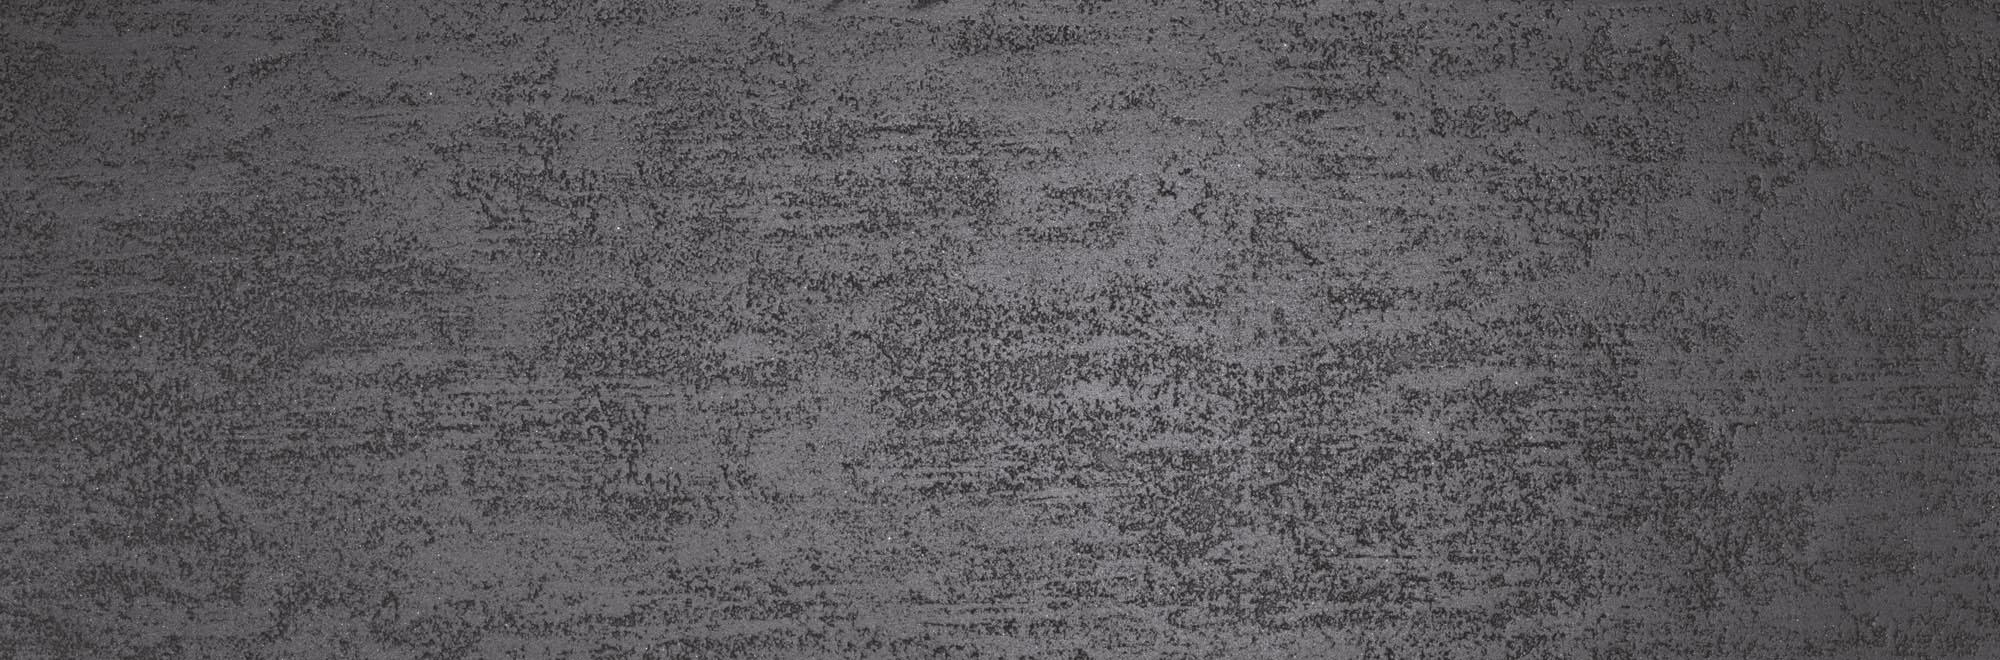 K717032180, Essence, Musta, lattia,pakkasenkesto